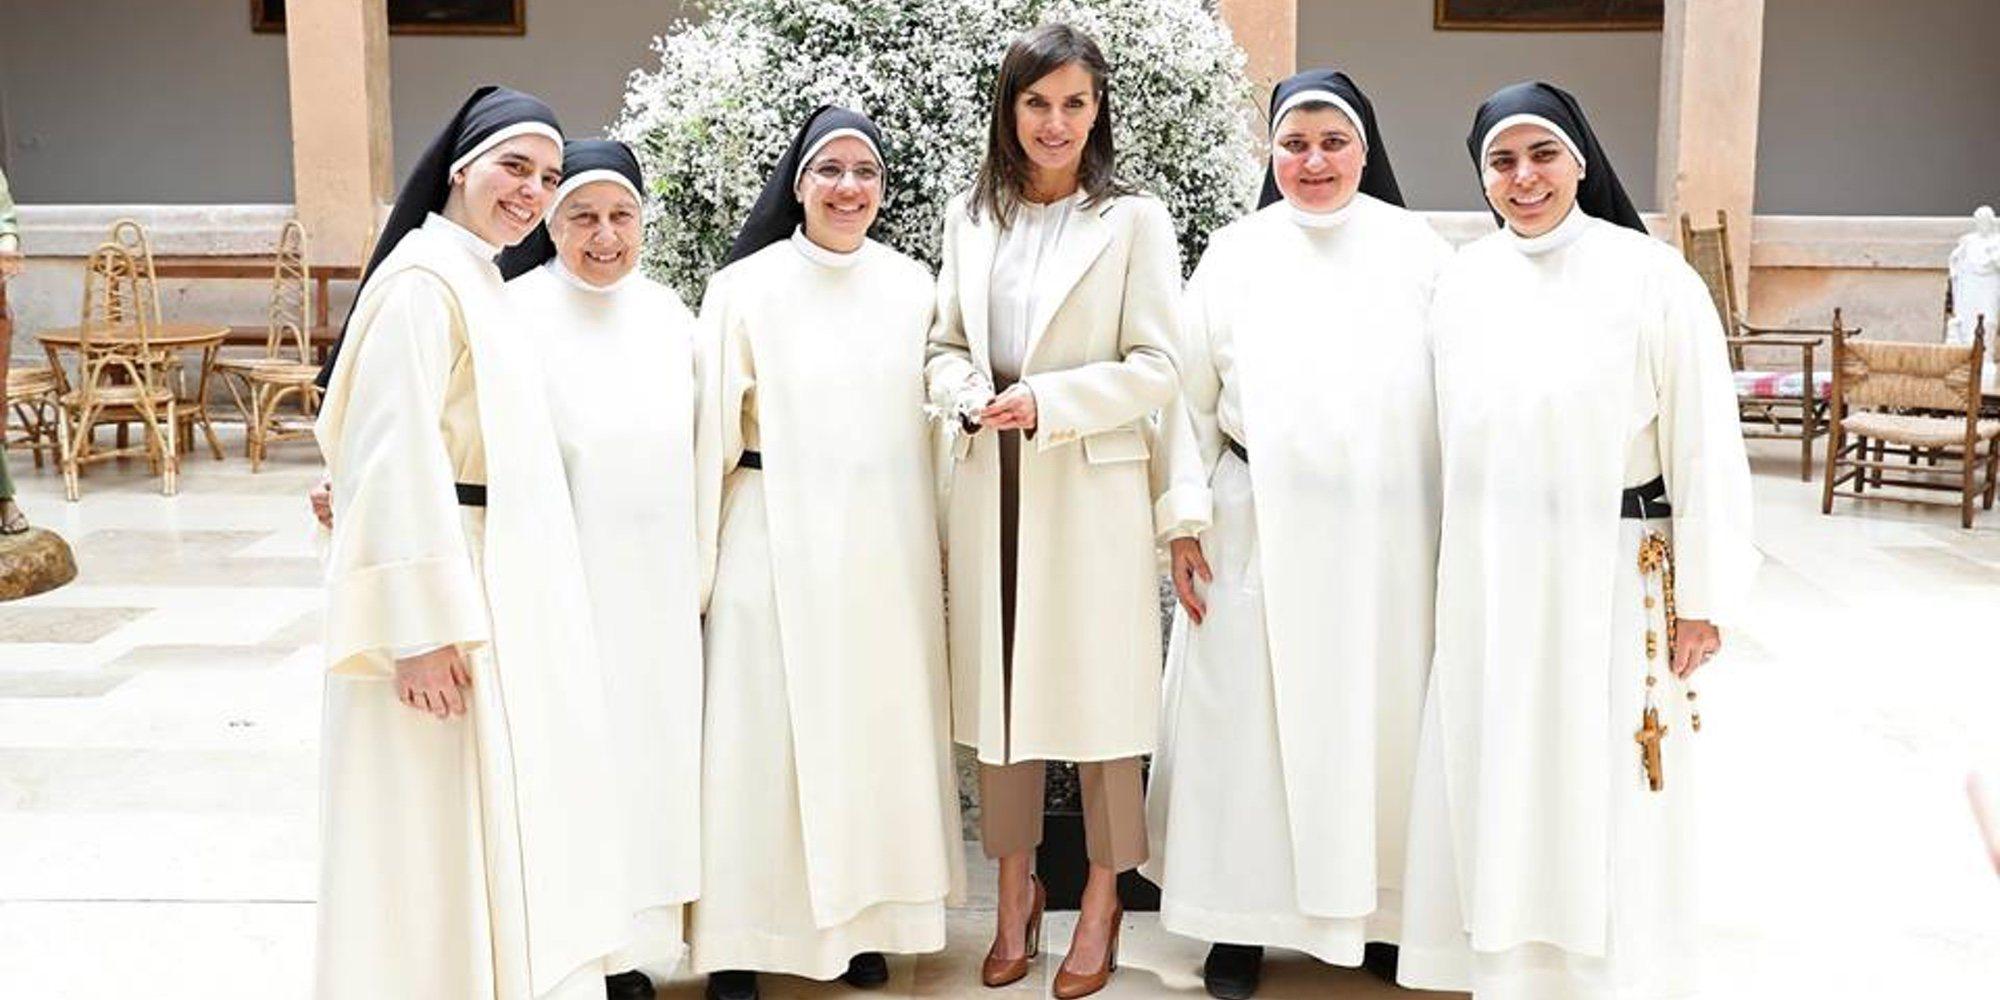 La visita sorpresa de la Reina Letizia a las monjas dominicas de Lerma